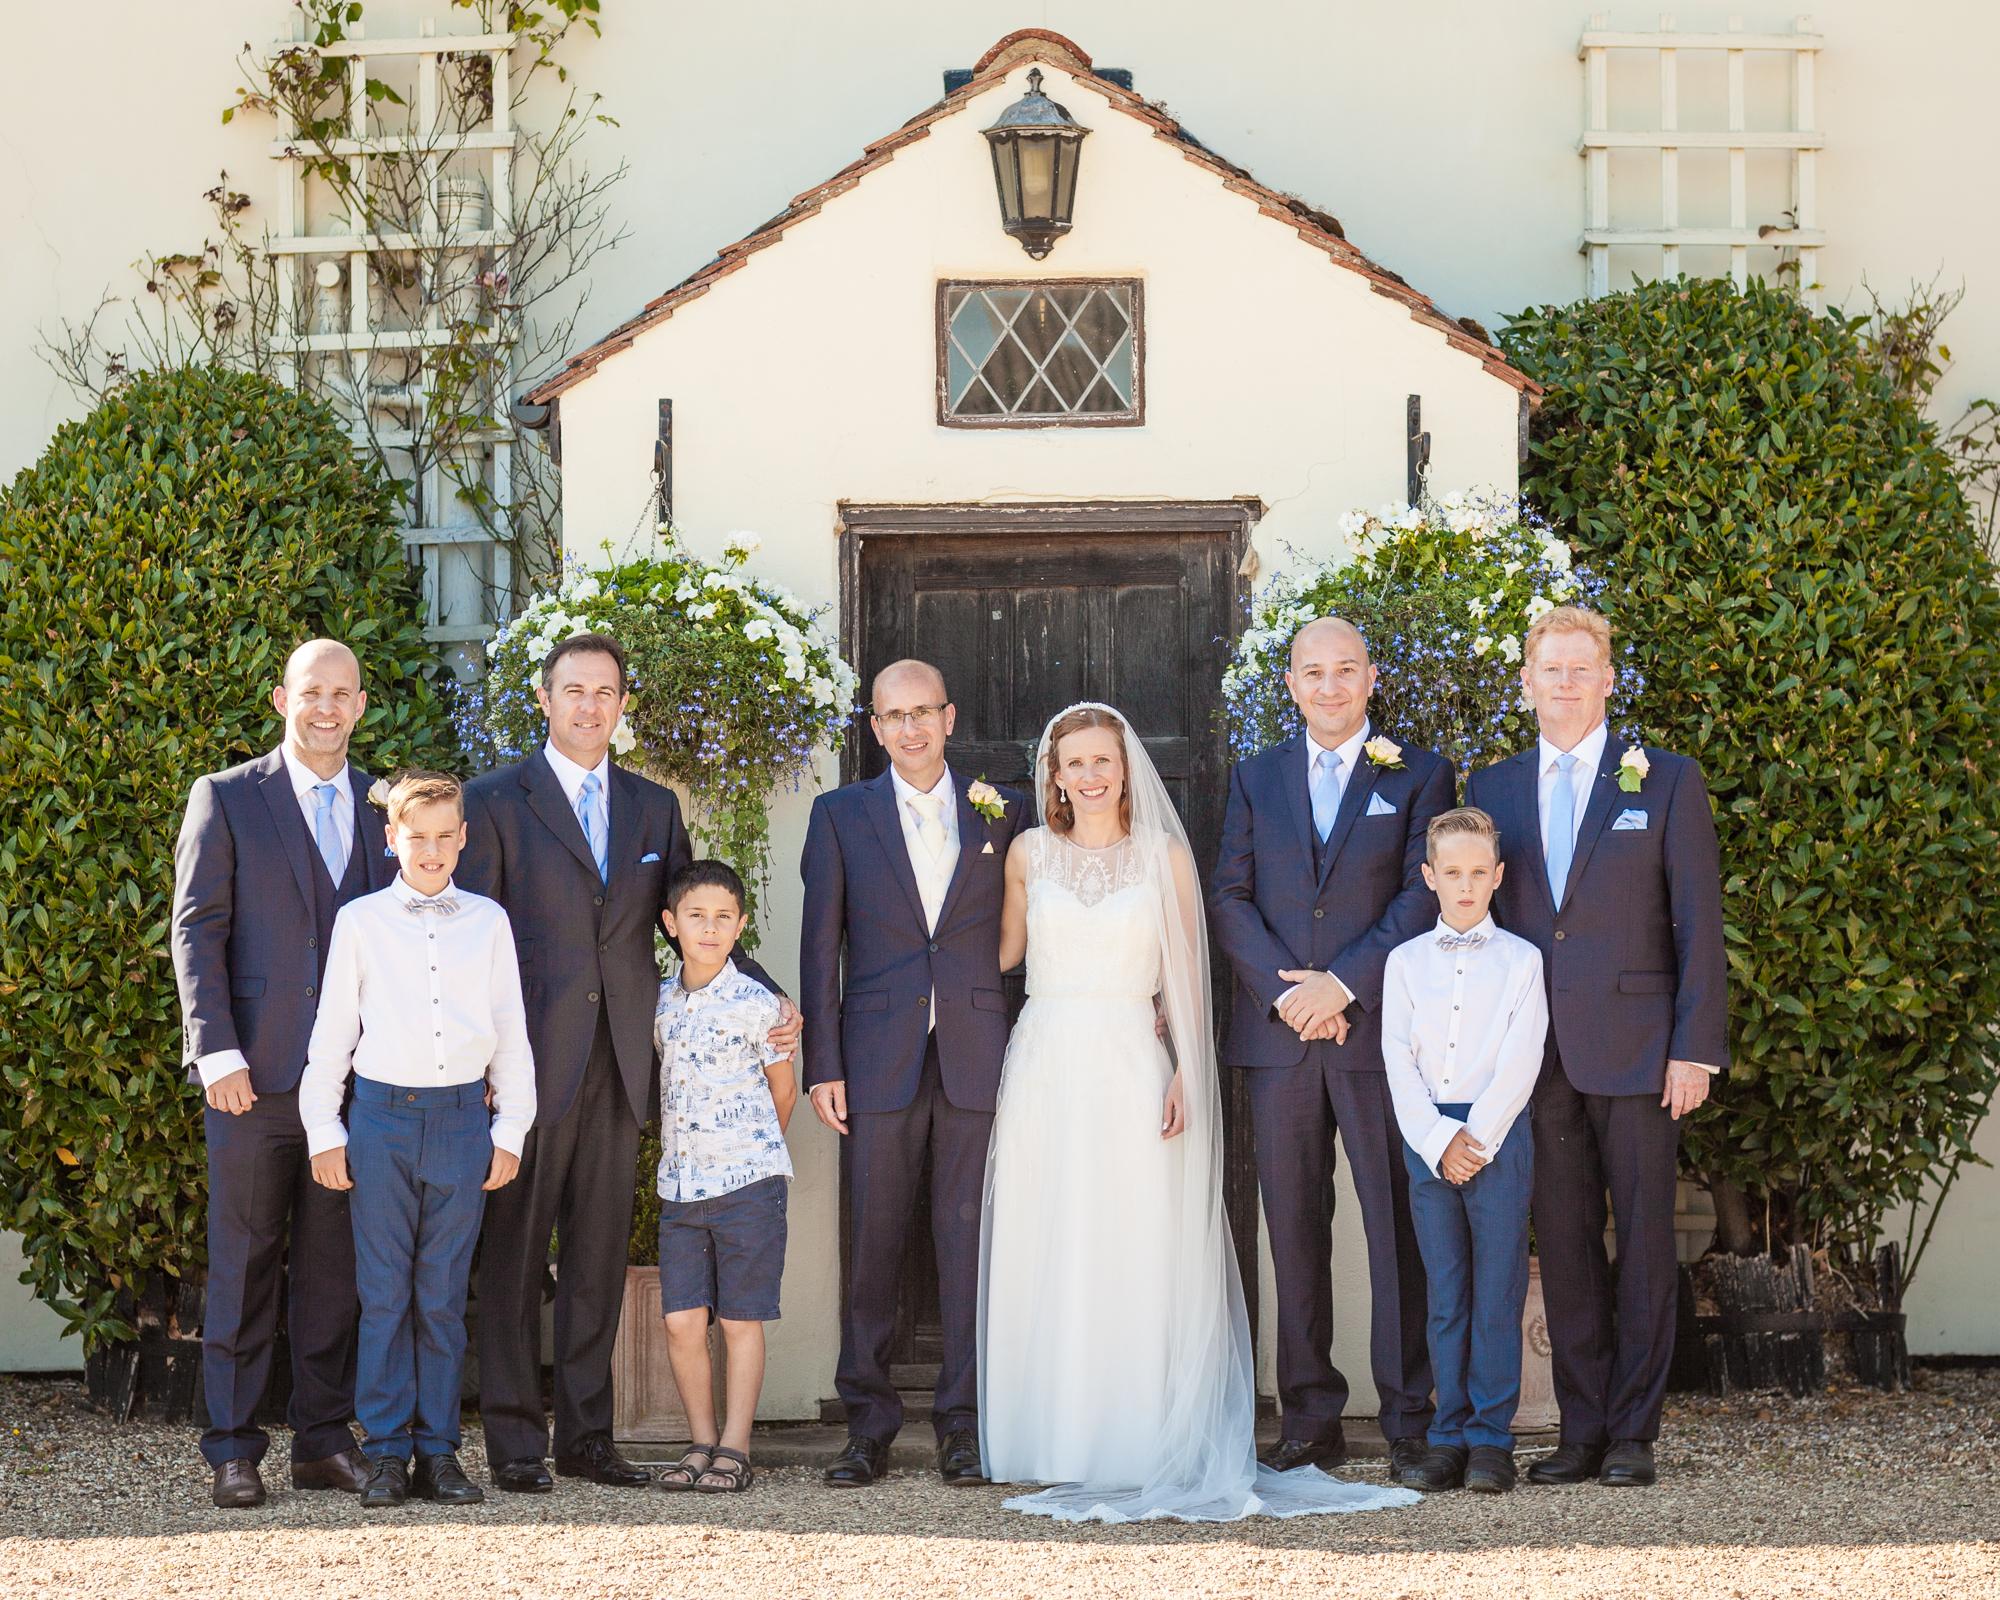 wedding photography groups (31 of 45).jpg